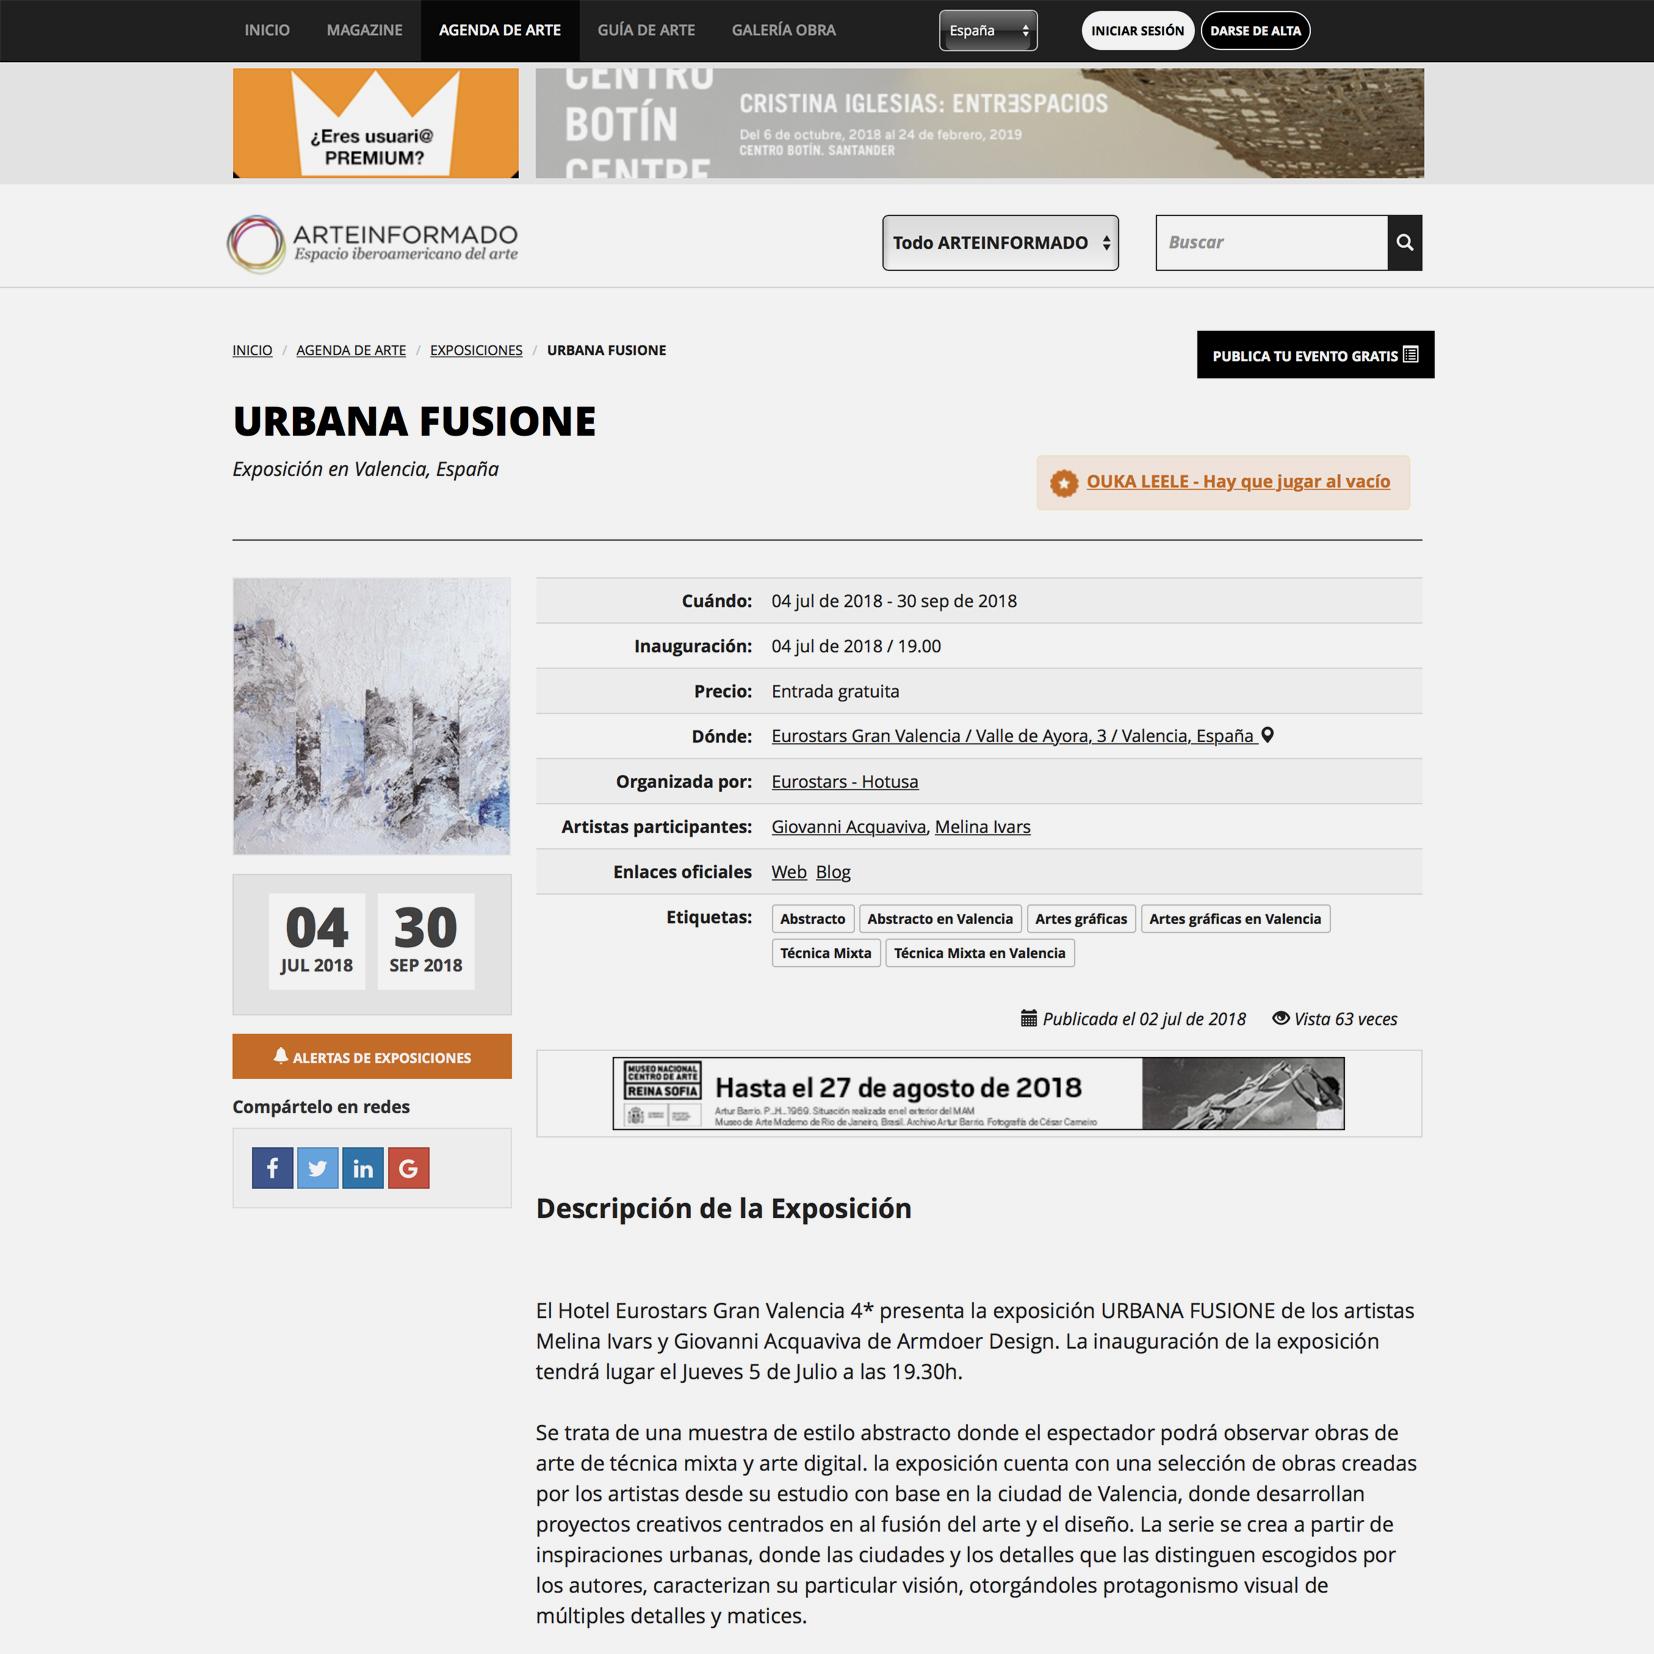 Exposición de Arte Armoder Urbana Fusione